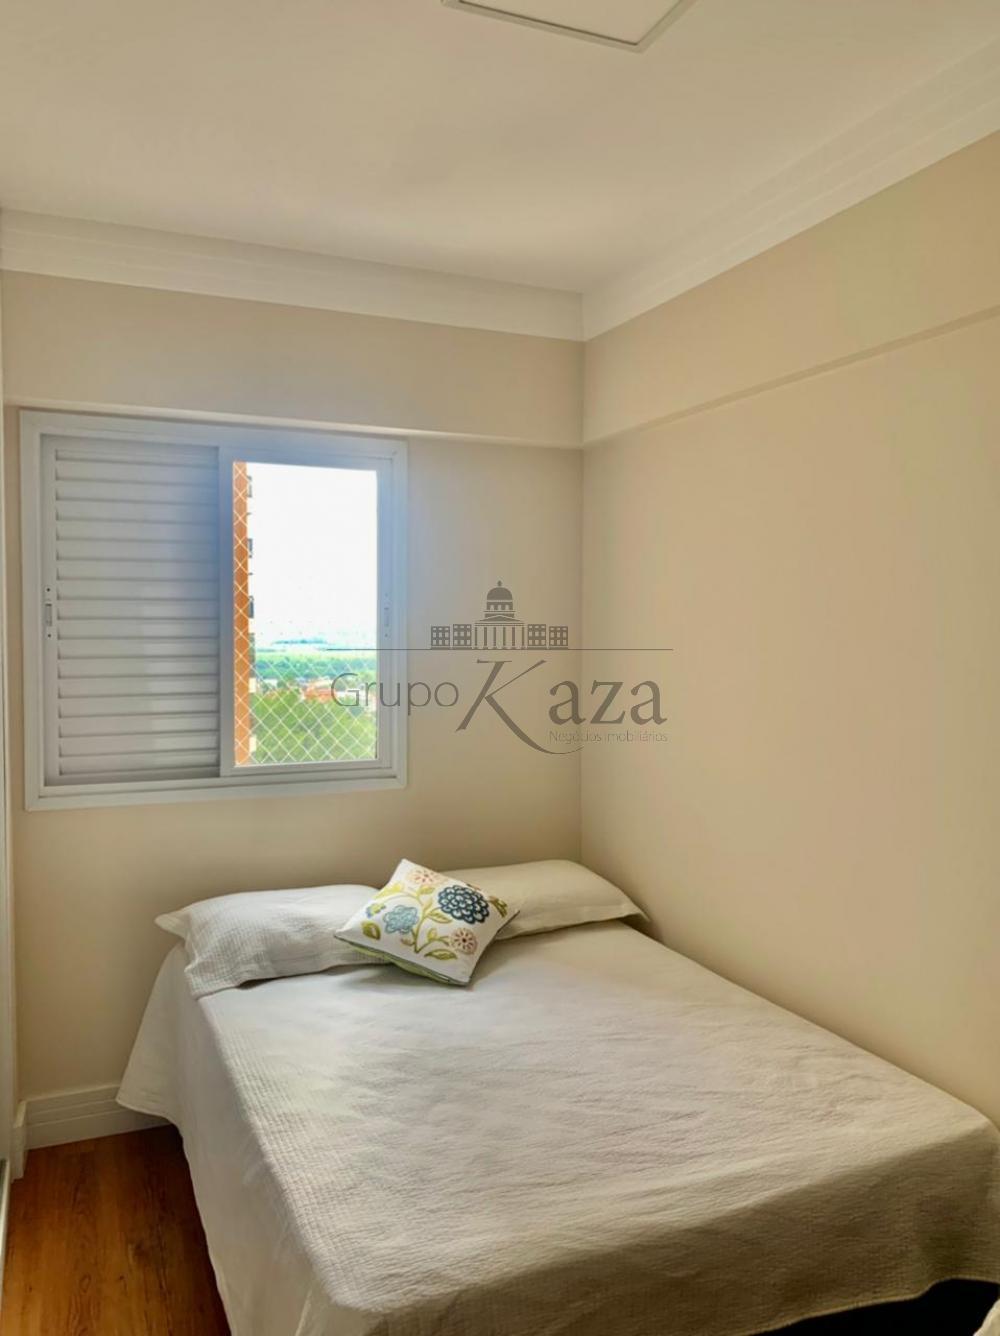 alt='Comprar Apartamento / Padrão em São José dos Campos R$ 855.000,00 - Foto 16' title='Comprar Apartamento / Padrão em São José dos Campos R$ 855.000,00 - Foto 16'